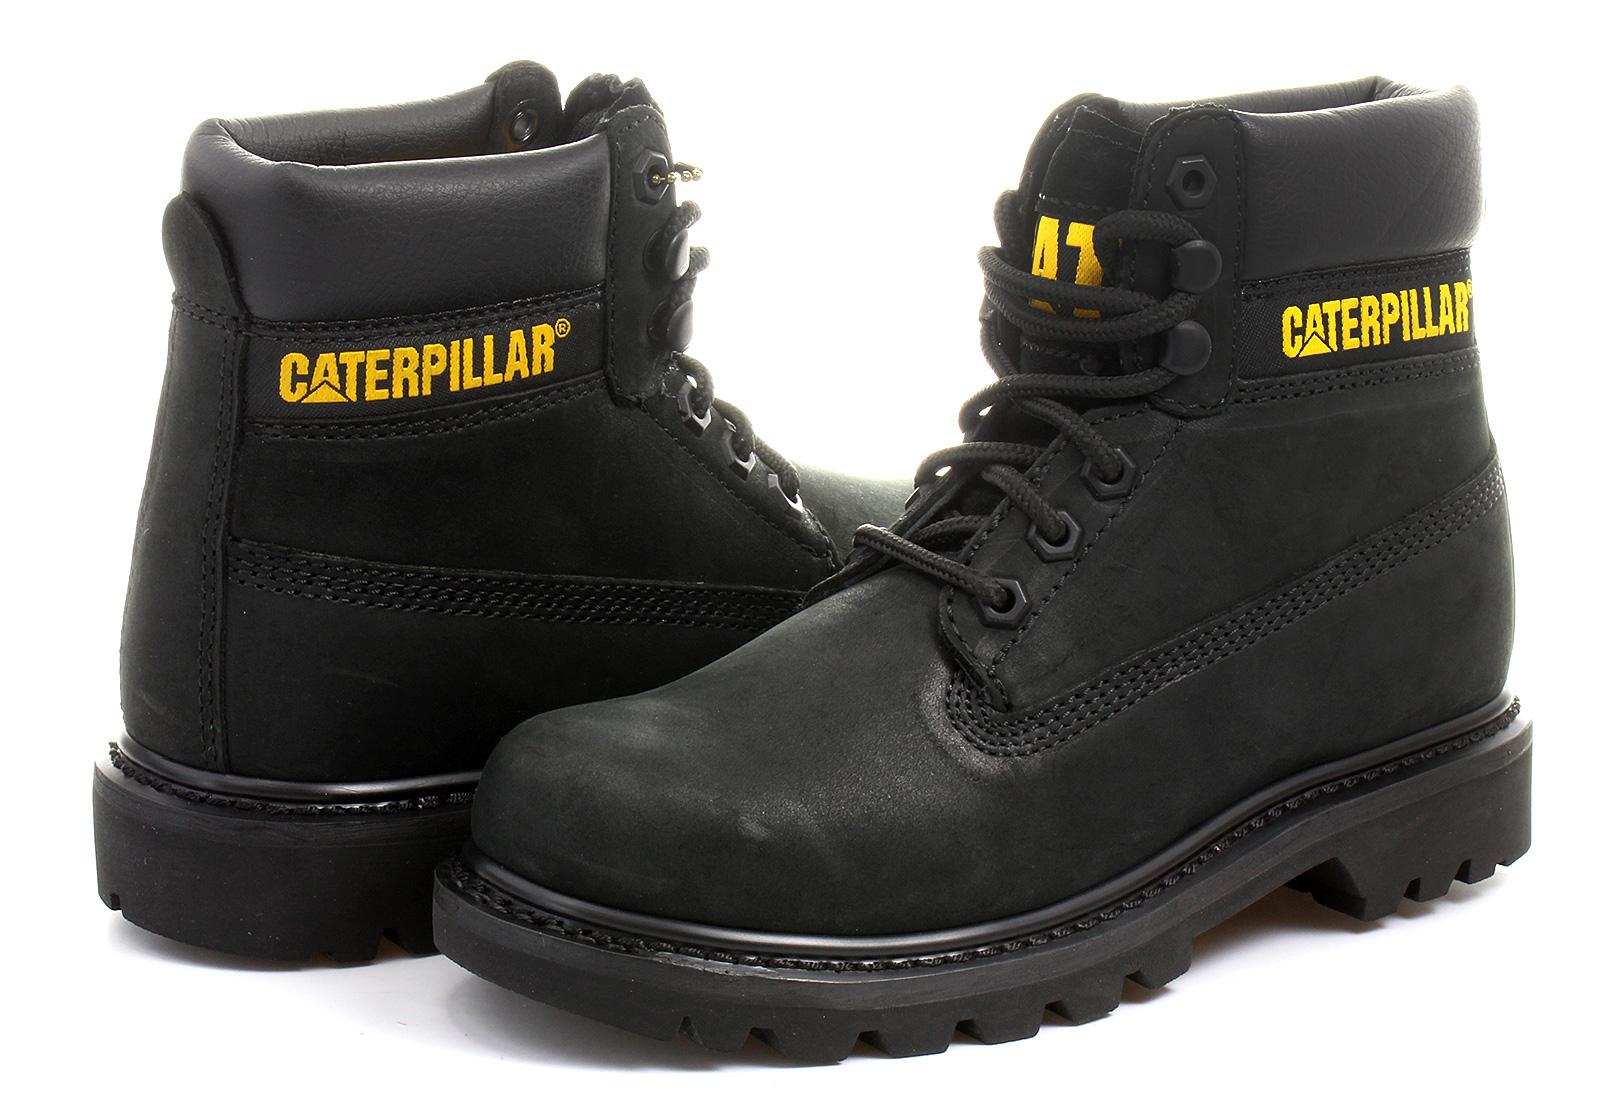 06421dc210 Cat Bakancs - Colorado - 306829-blk - Office Shoes Magyarország